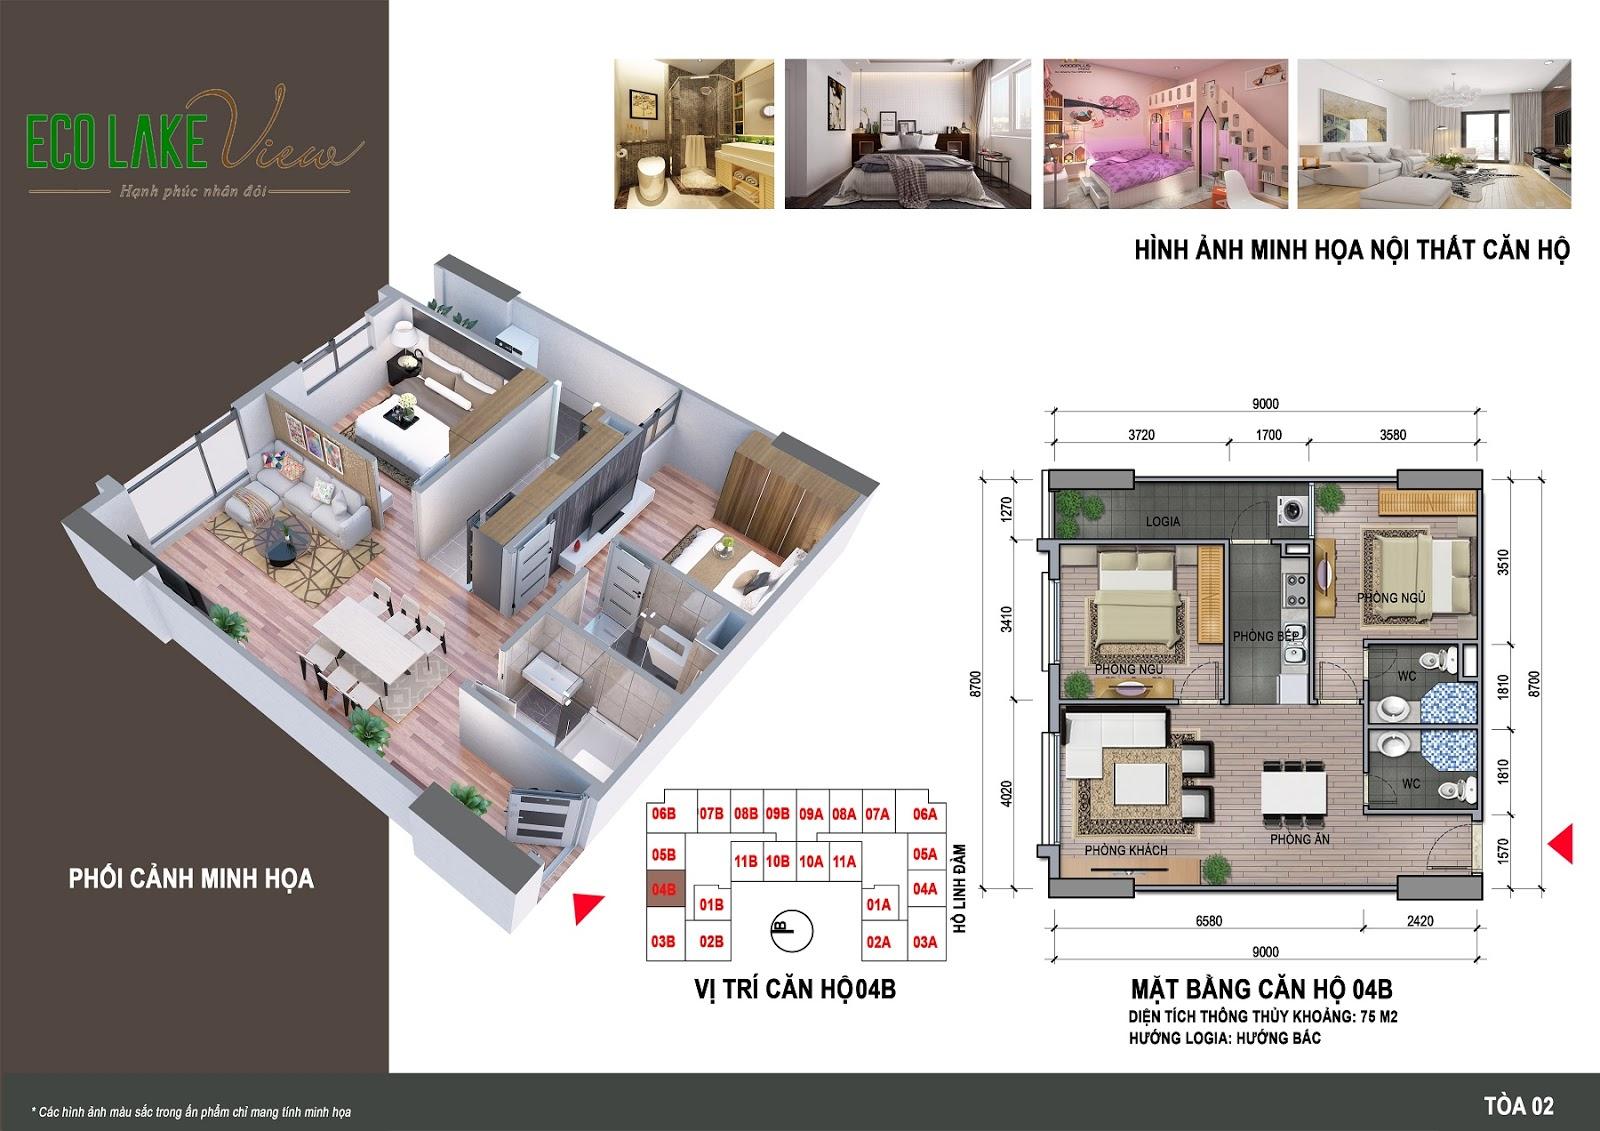 Thiết kế căn hộ 04B - 75m - HH02 Eco Lake View